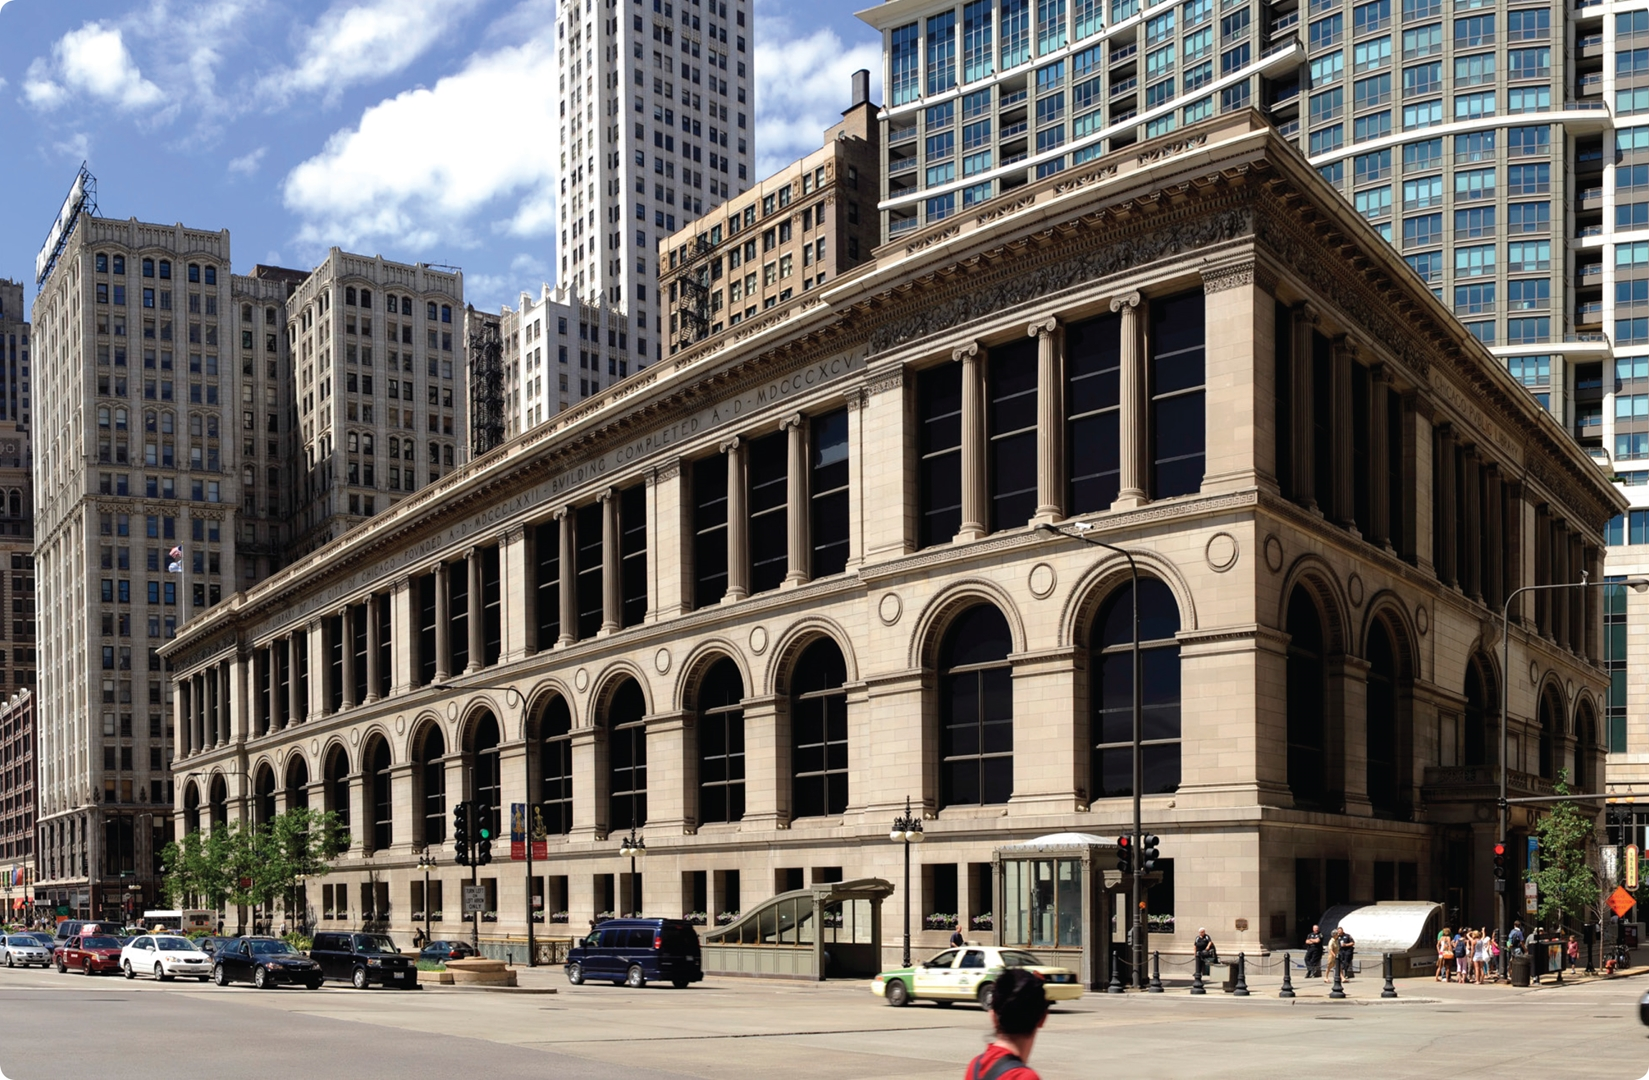 ChicagoCulturalCenter_CourtesyChicagoArchitectureBiennial_2017 HR 2 (Copy)